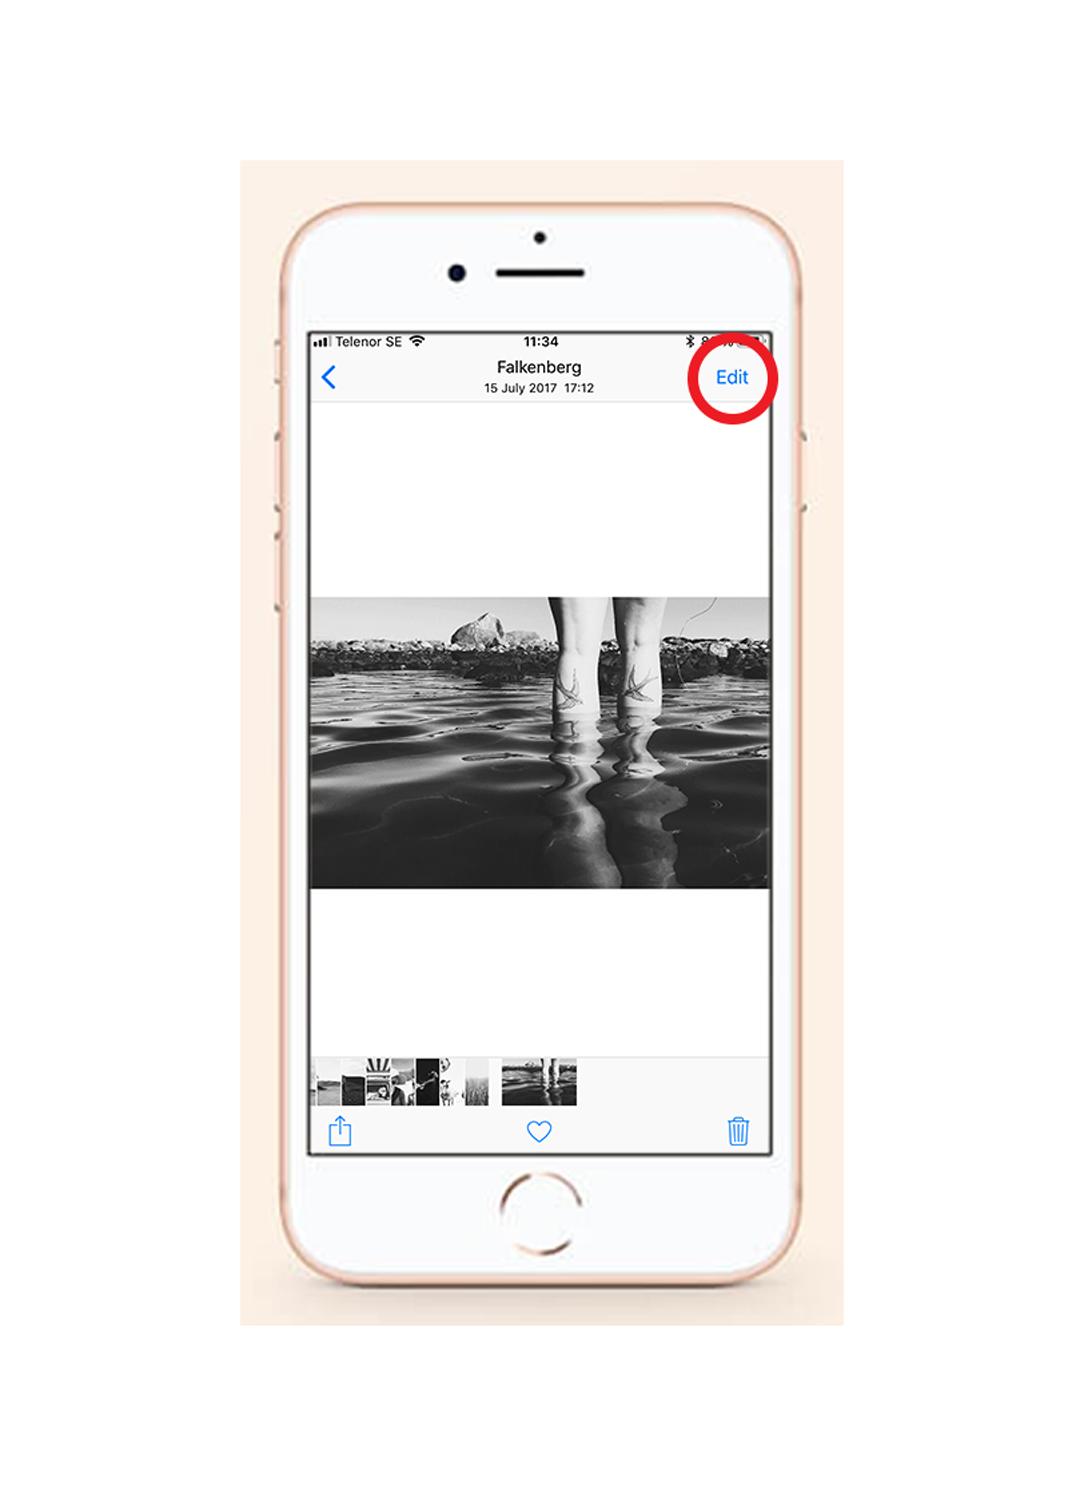 1. Välj redigera - När du förhandsgranskar din bild trycker du på redigera uppe i högra hörnet